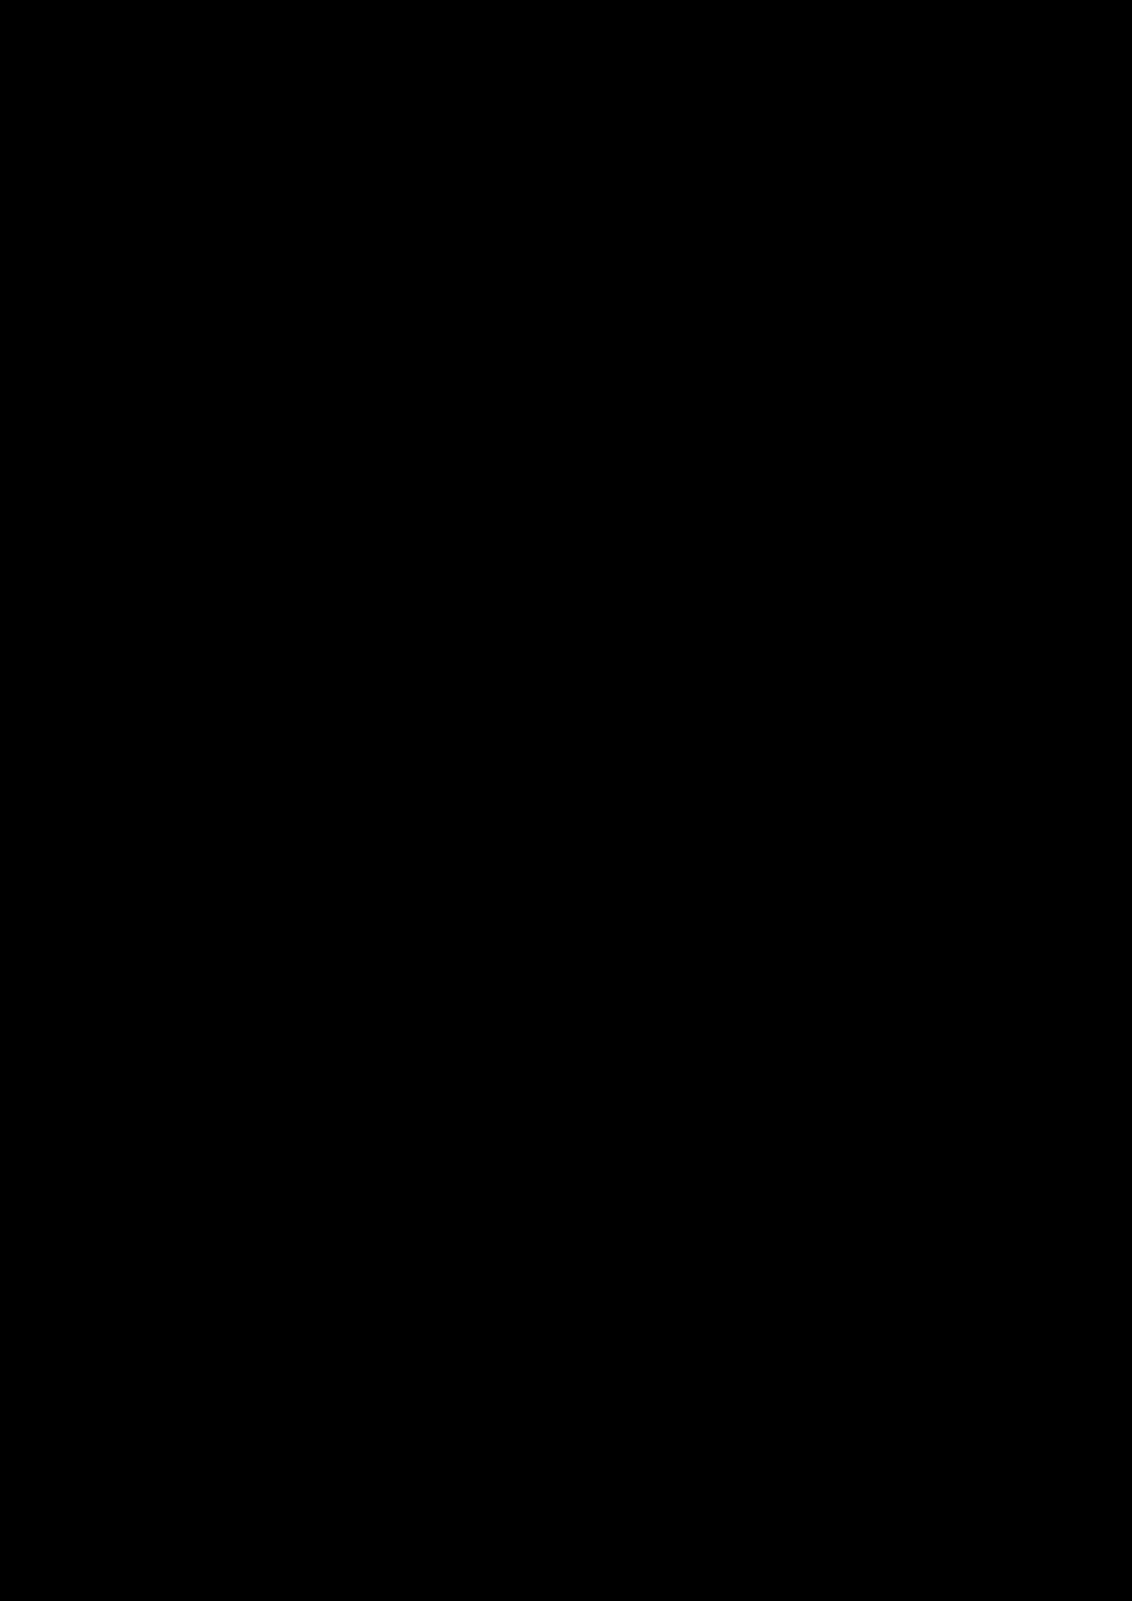 Zagadka volshebnoy stranyi slide, Image 77